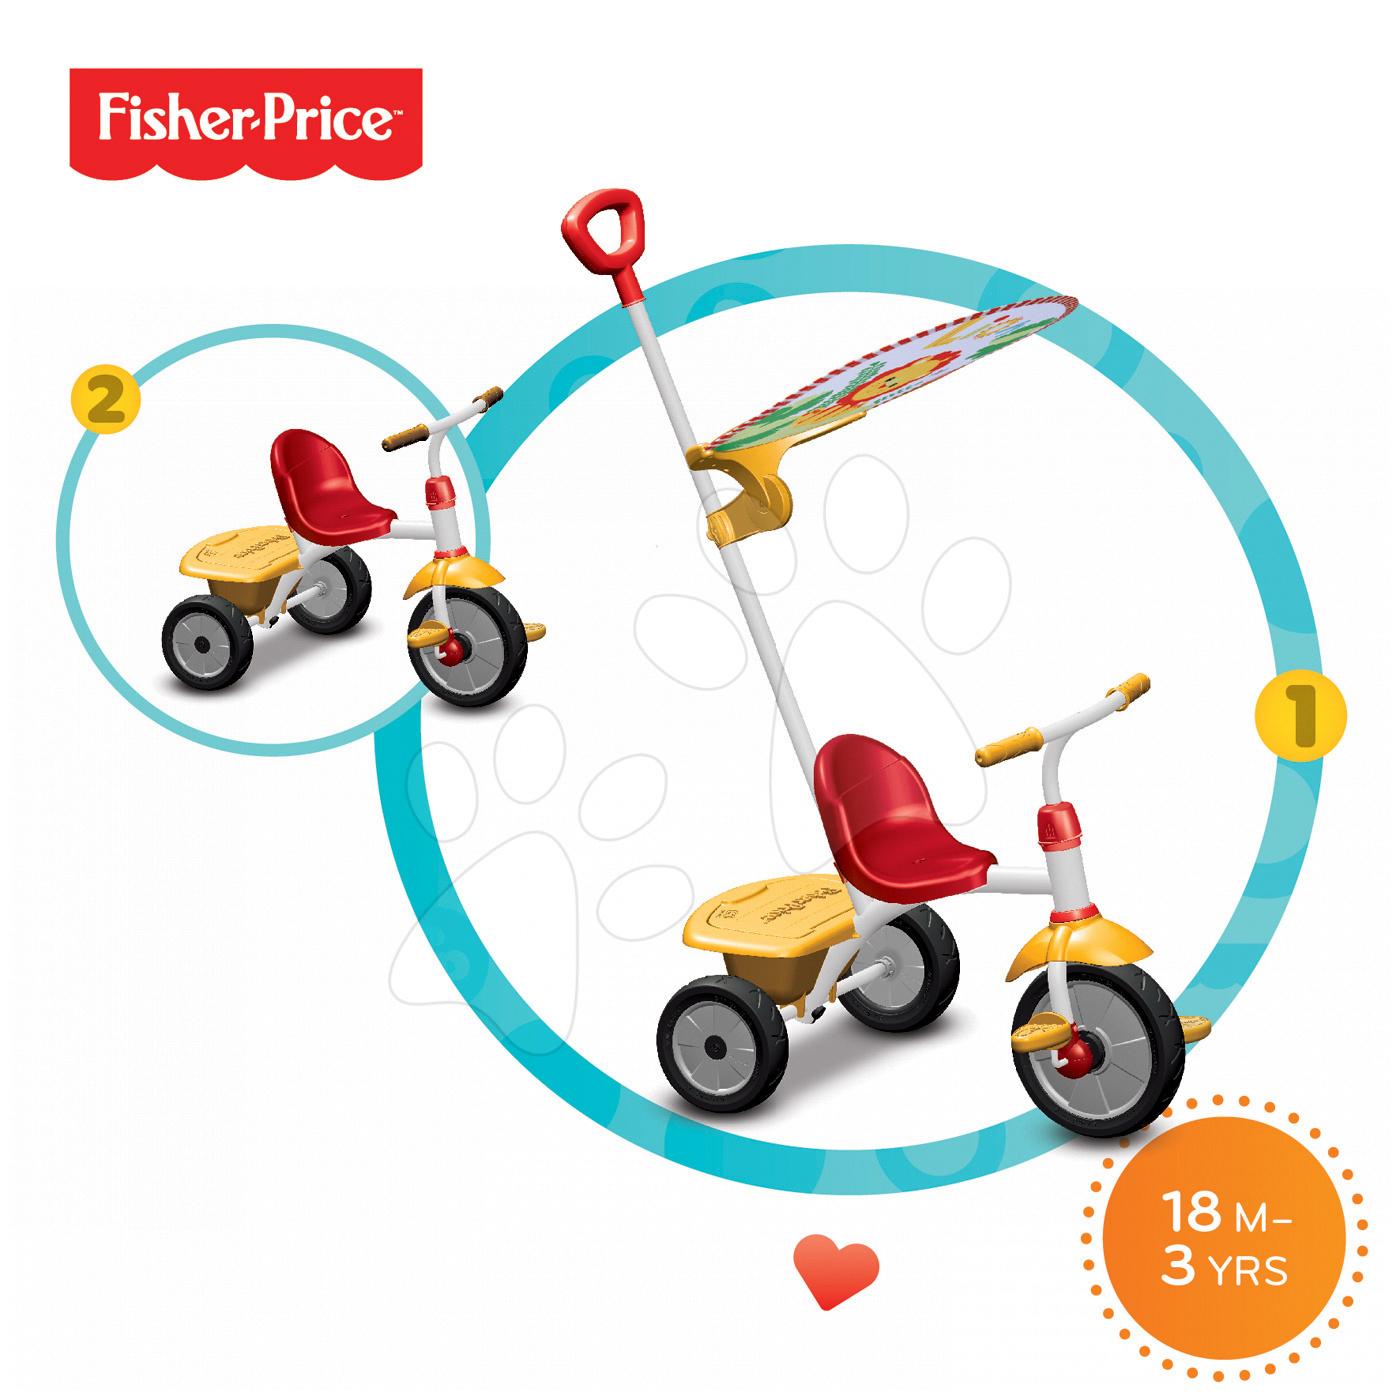 Trojkolka pre deti Fisher Price Glee Plus smarTrike